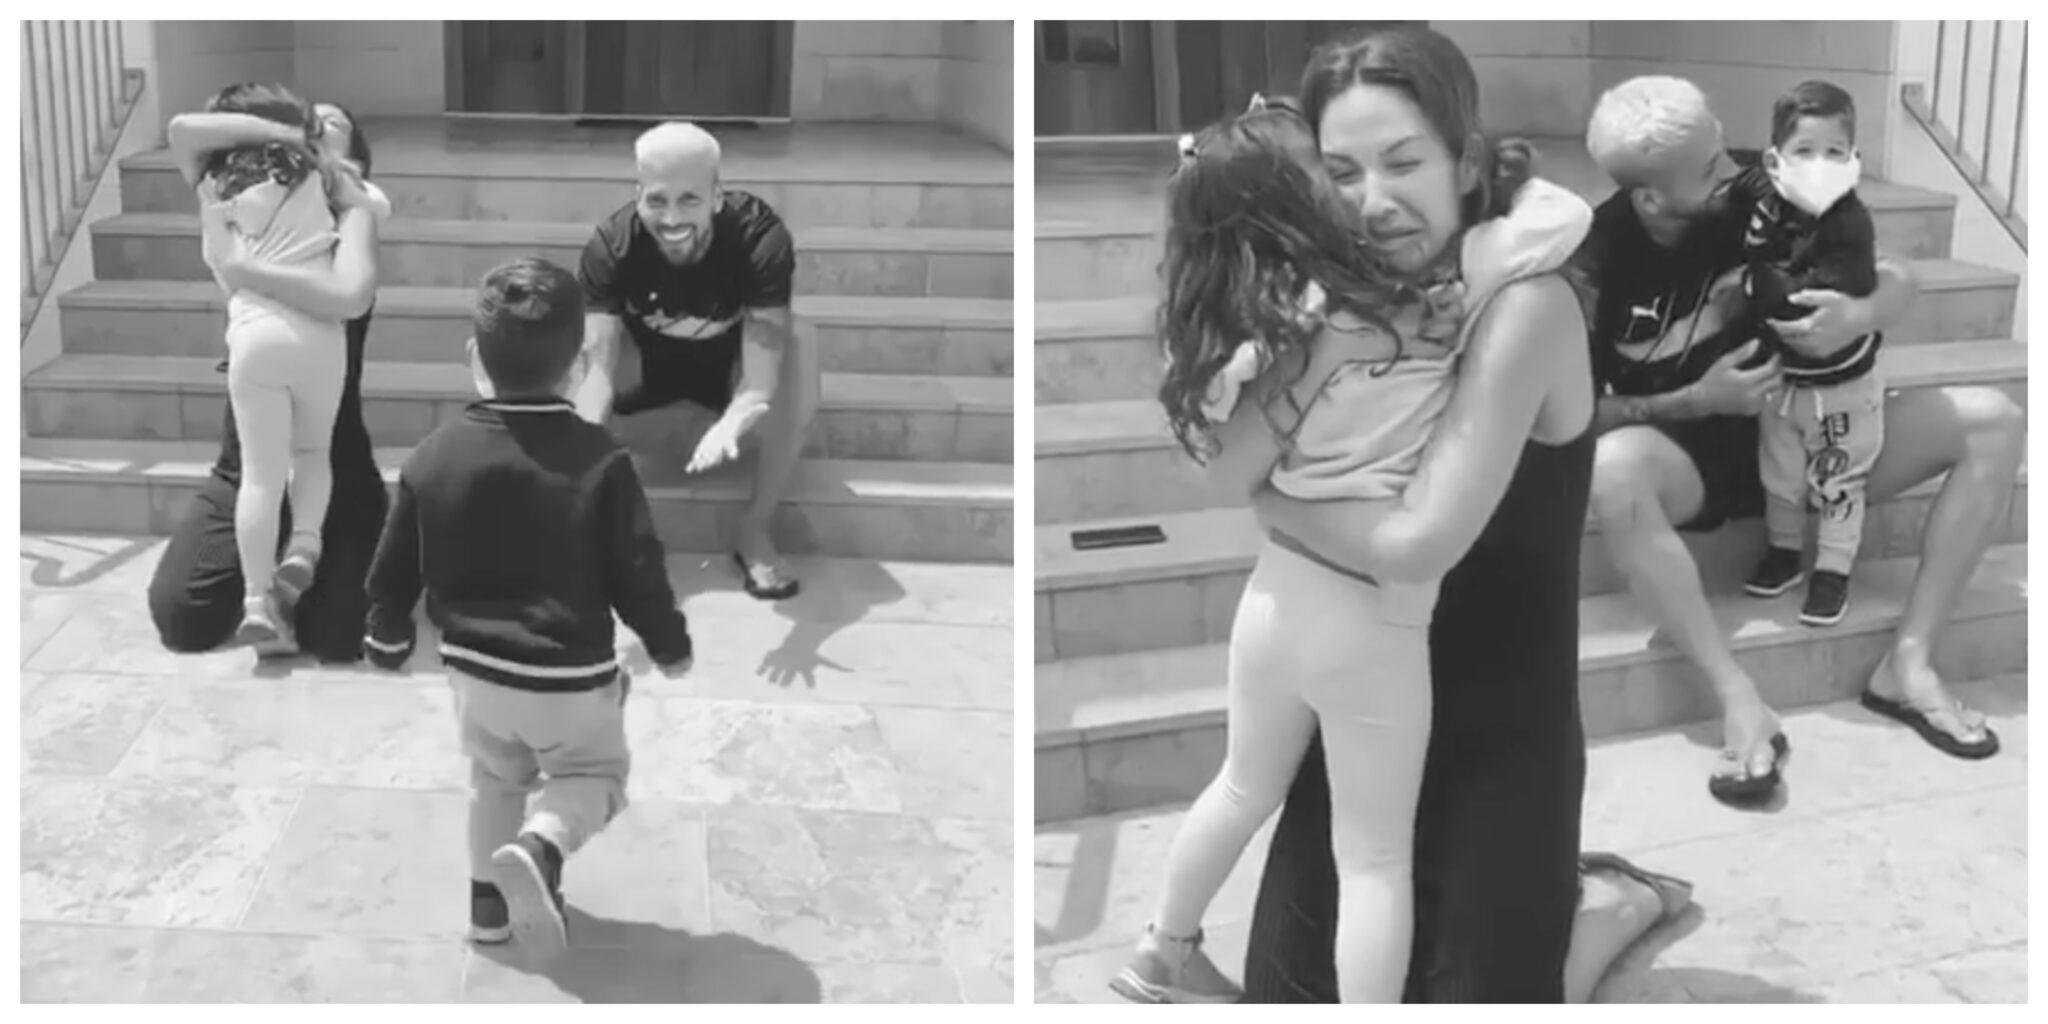 Ezequiel Garay Mulher Filhos Scaled Garay E A Mulher Voltam A Abraçar Os Filhos Dois Meses Depois. Veja O Vídeo Emocionante